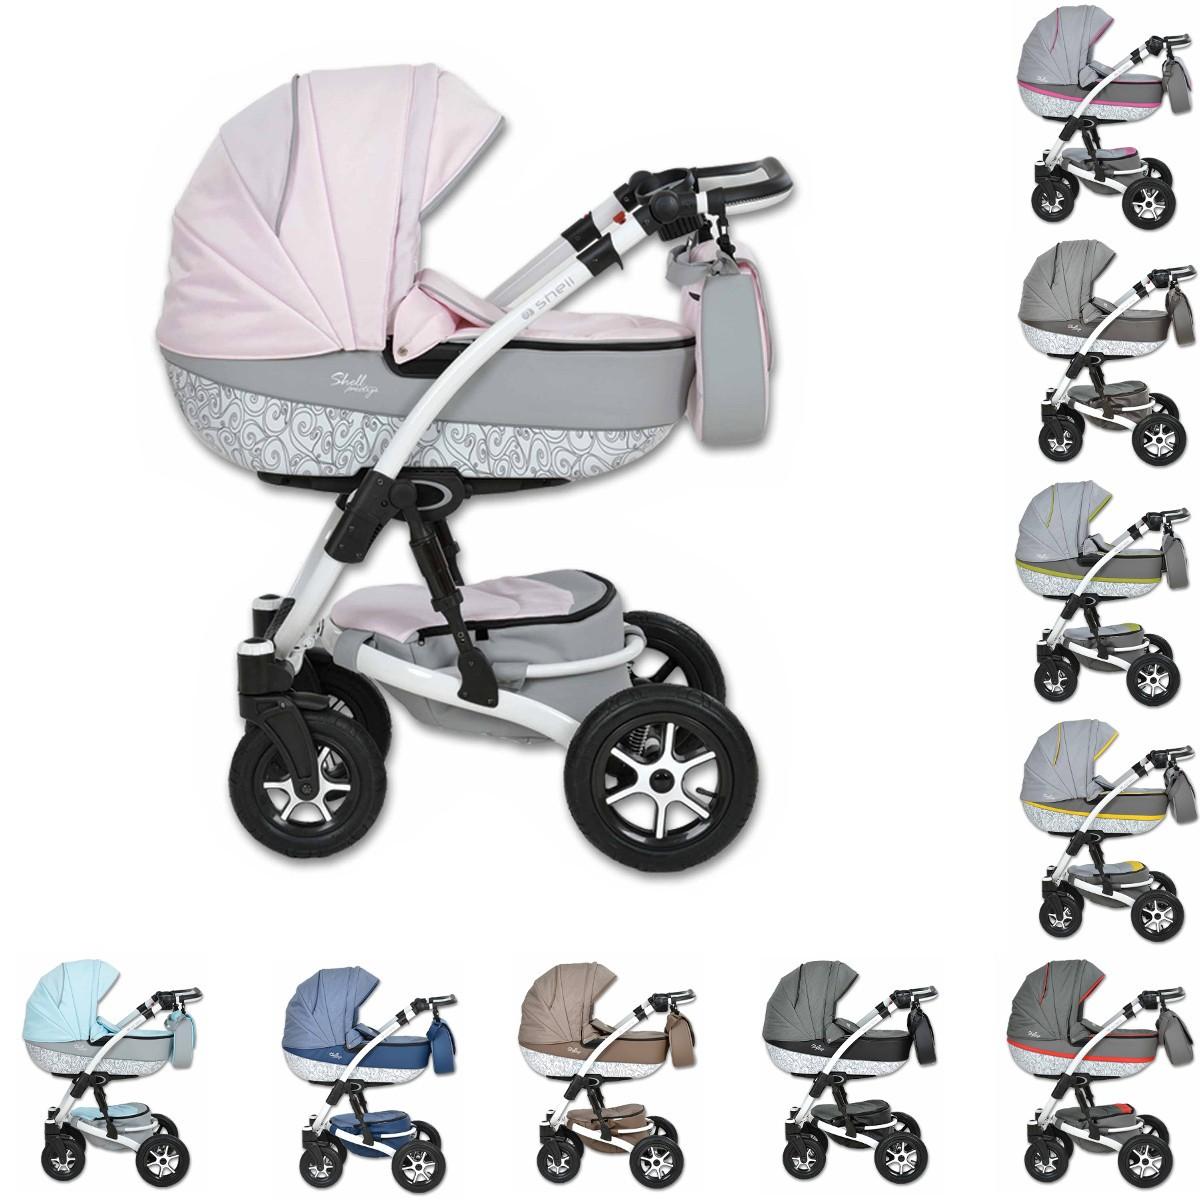 shell prestige kombi kinderwagen 2in1 mit babywanne sportwagenaufsatz buggy oder 3in1. Black Bedroom Furniture Sets. Home Design Ideas